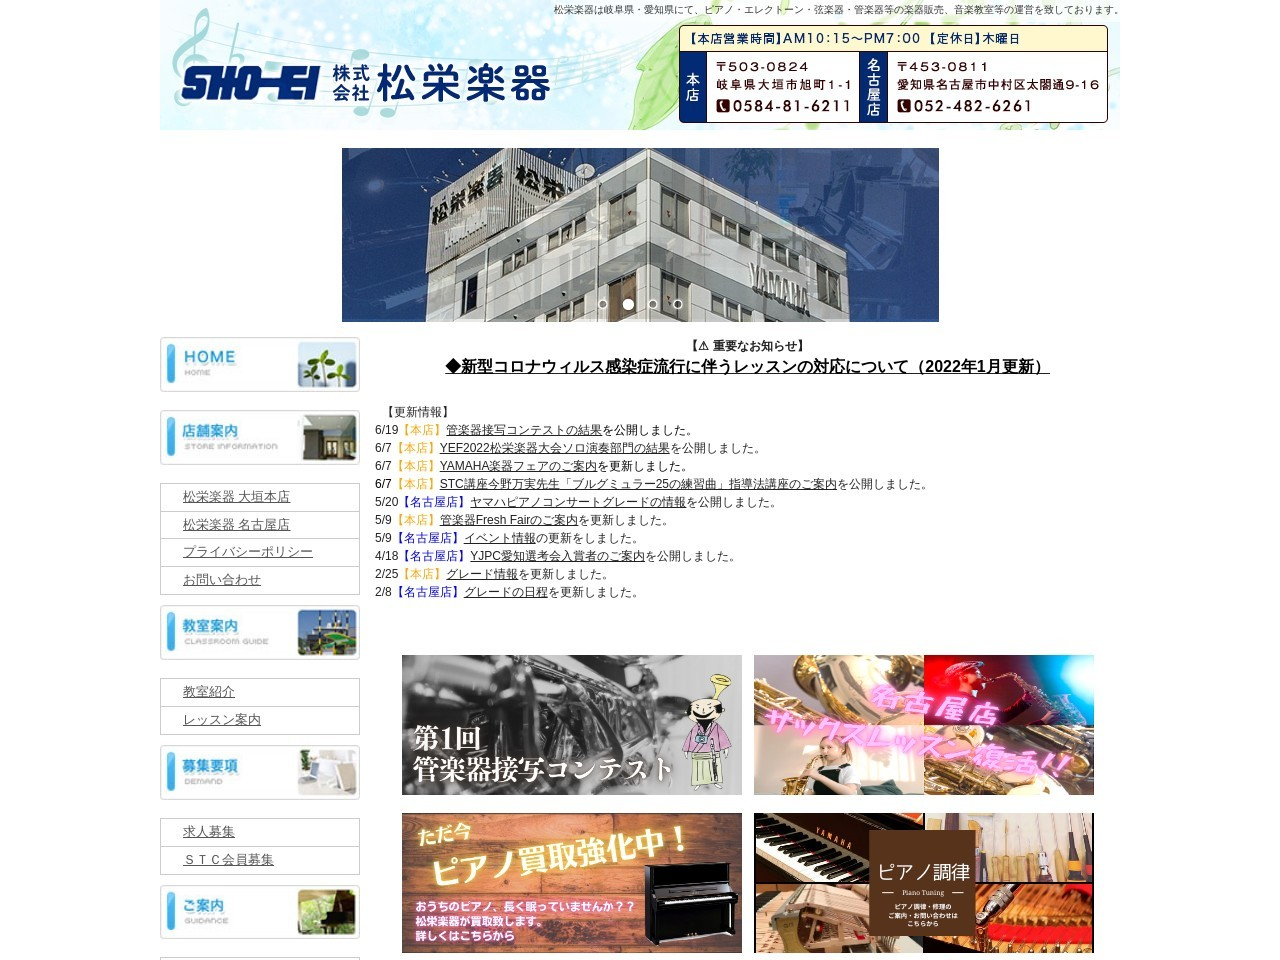 株式会社松栄楽器名古屋店